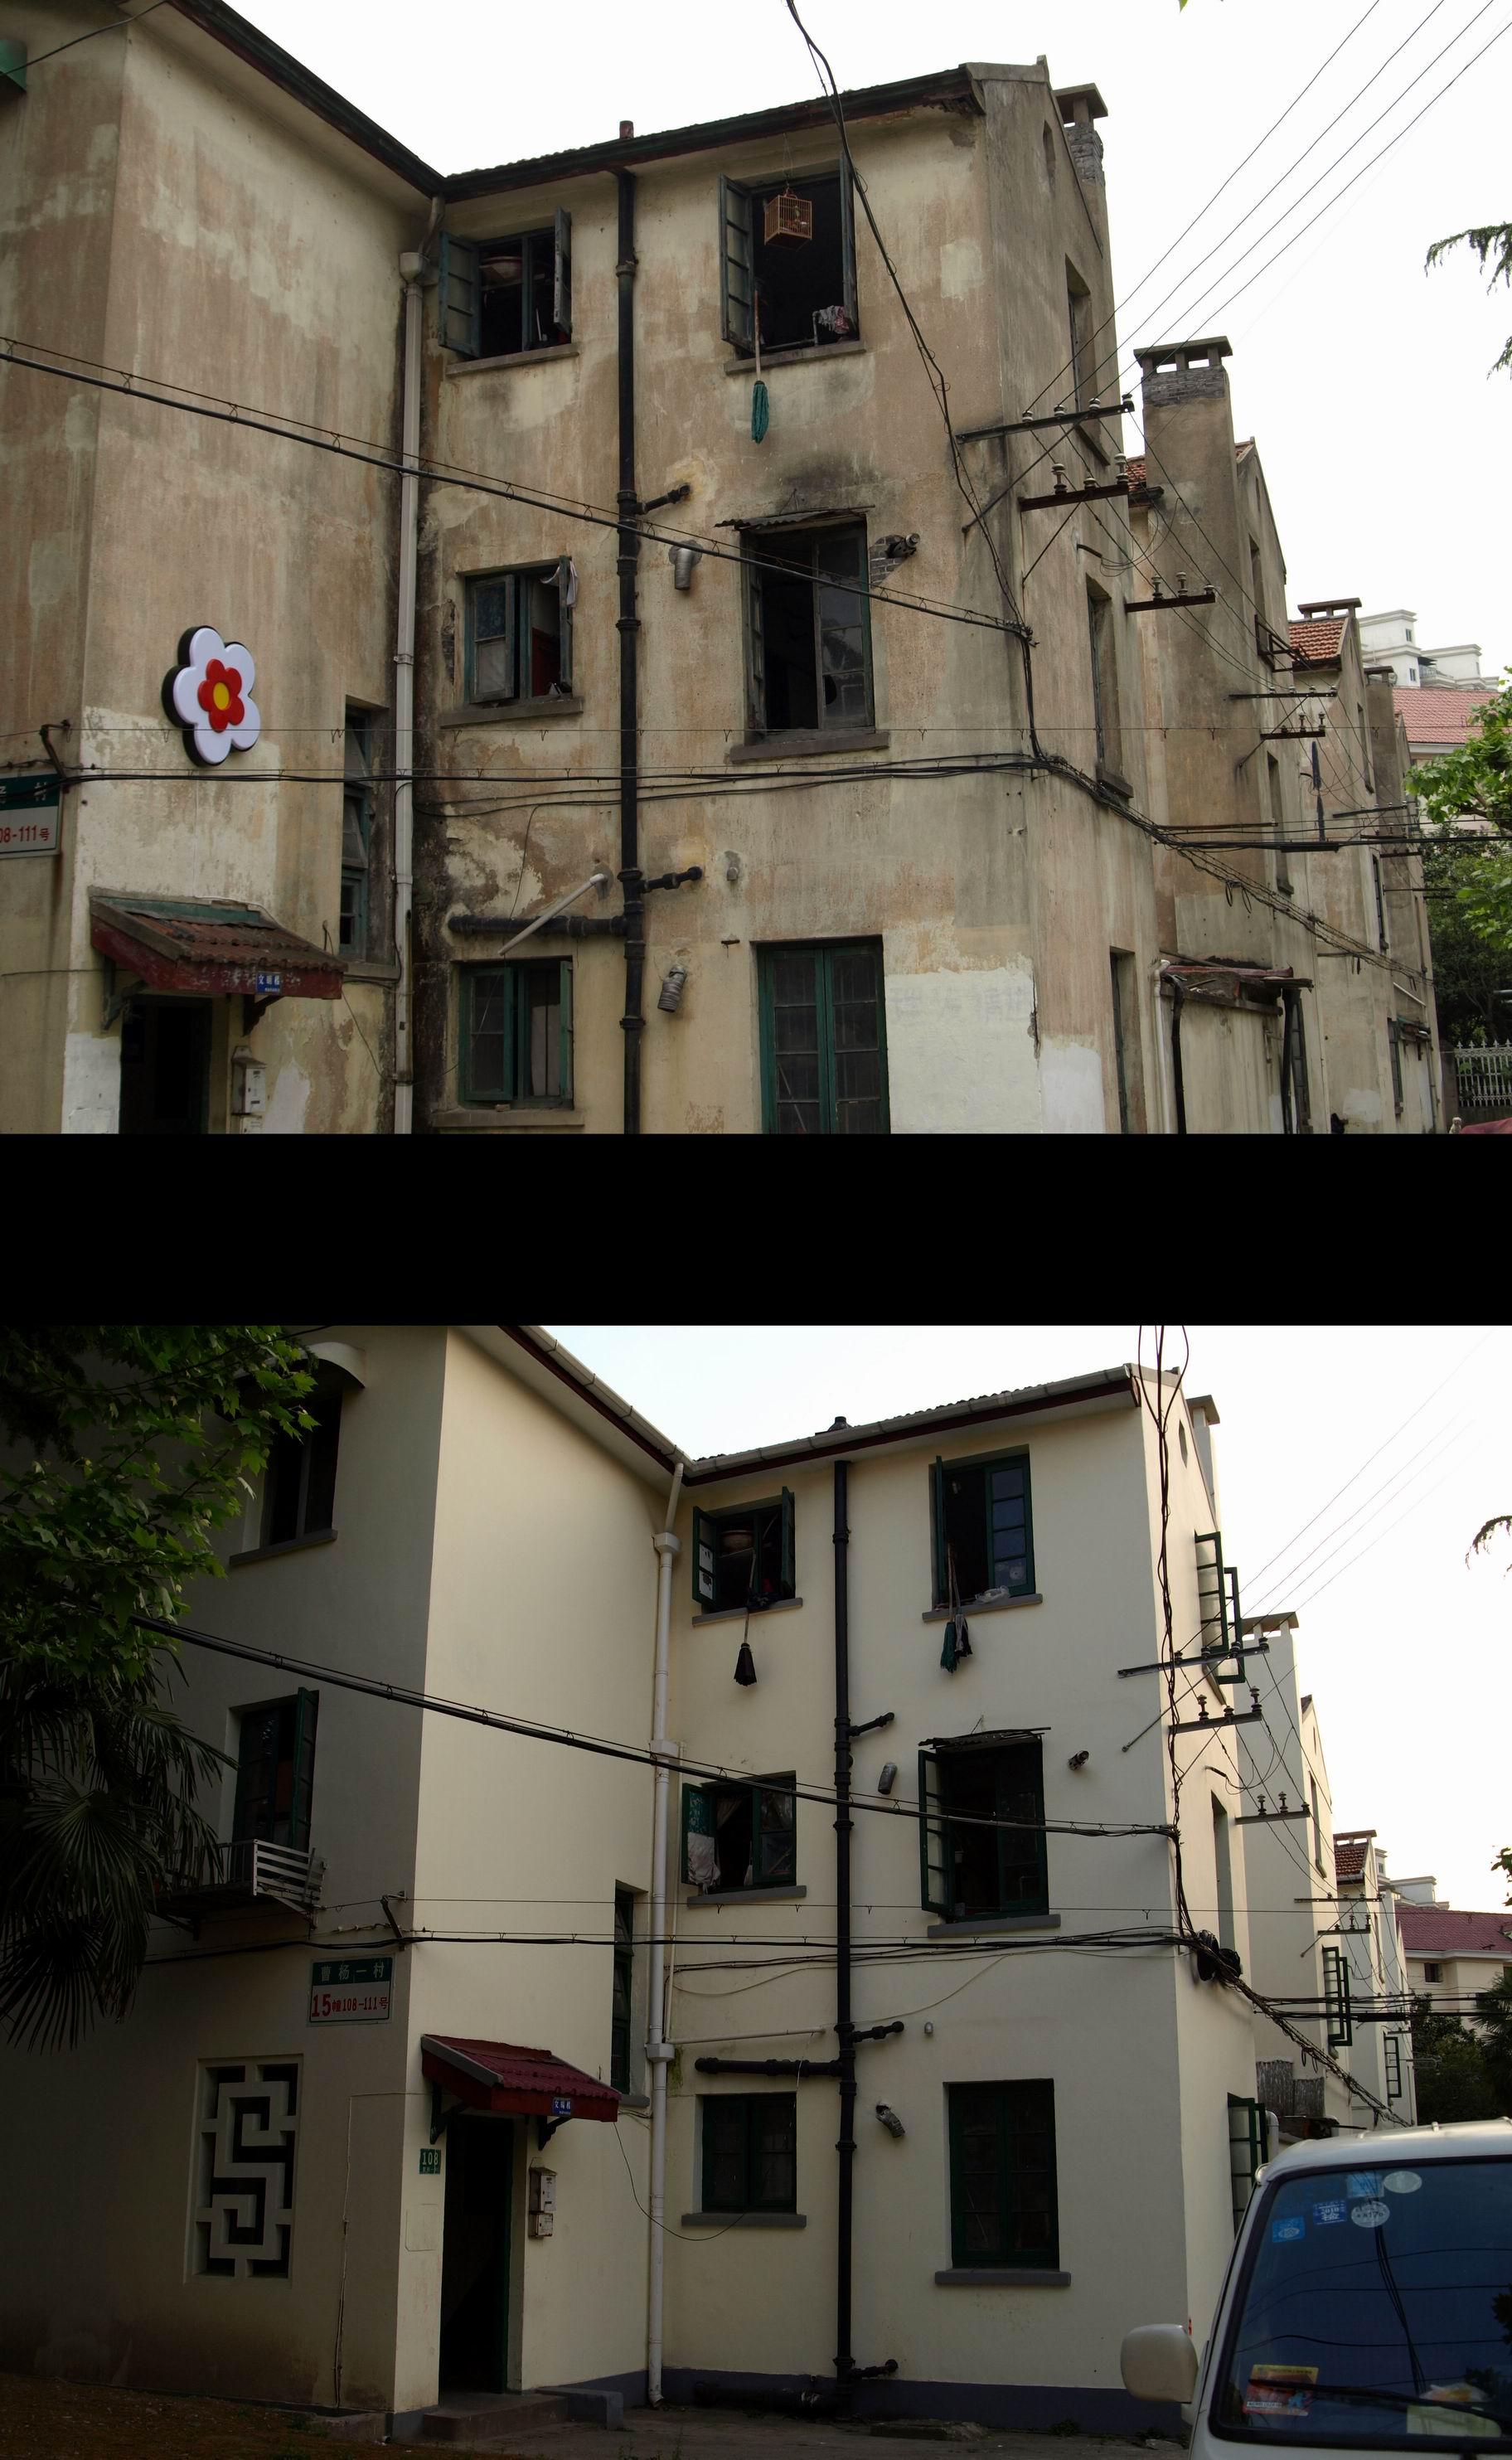 """曹杨一村几十年来一直在""""修修补补"""",但没法从根本上改善居民的生活条件。 杨辰 供图"""